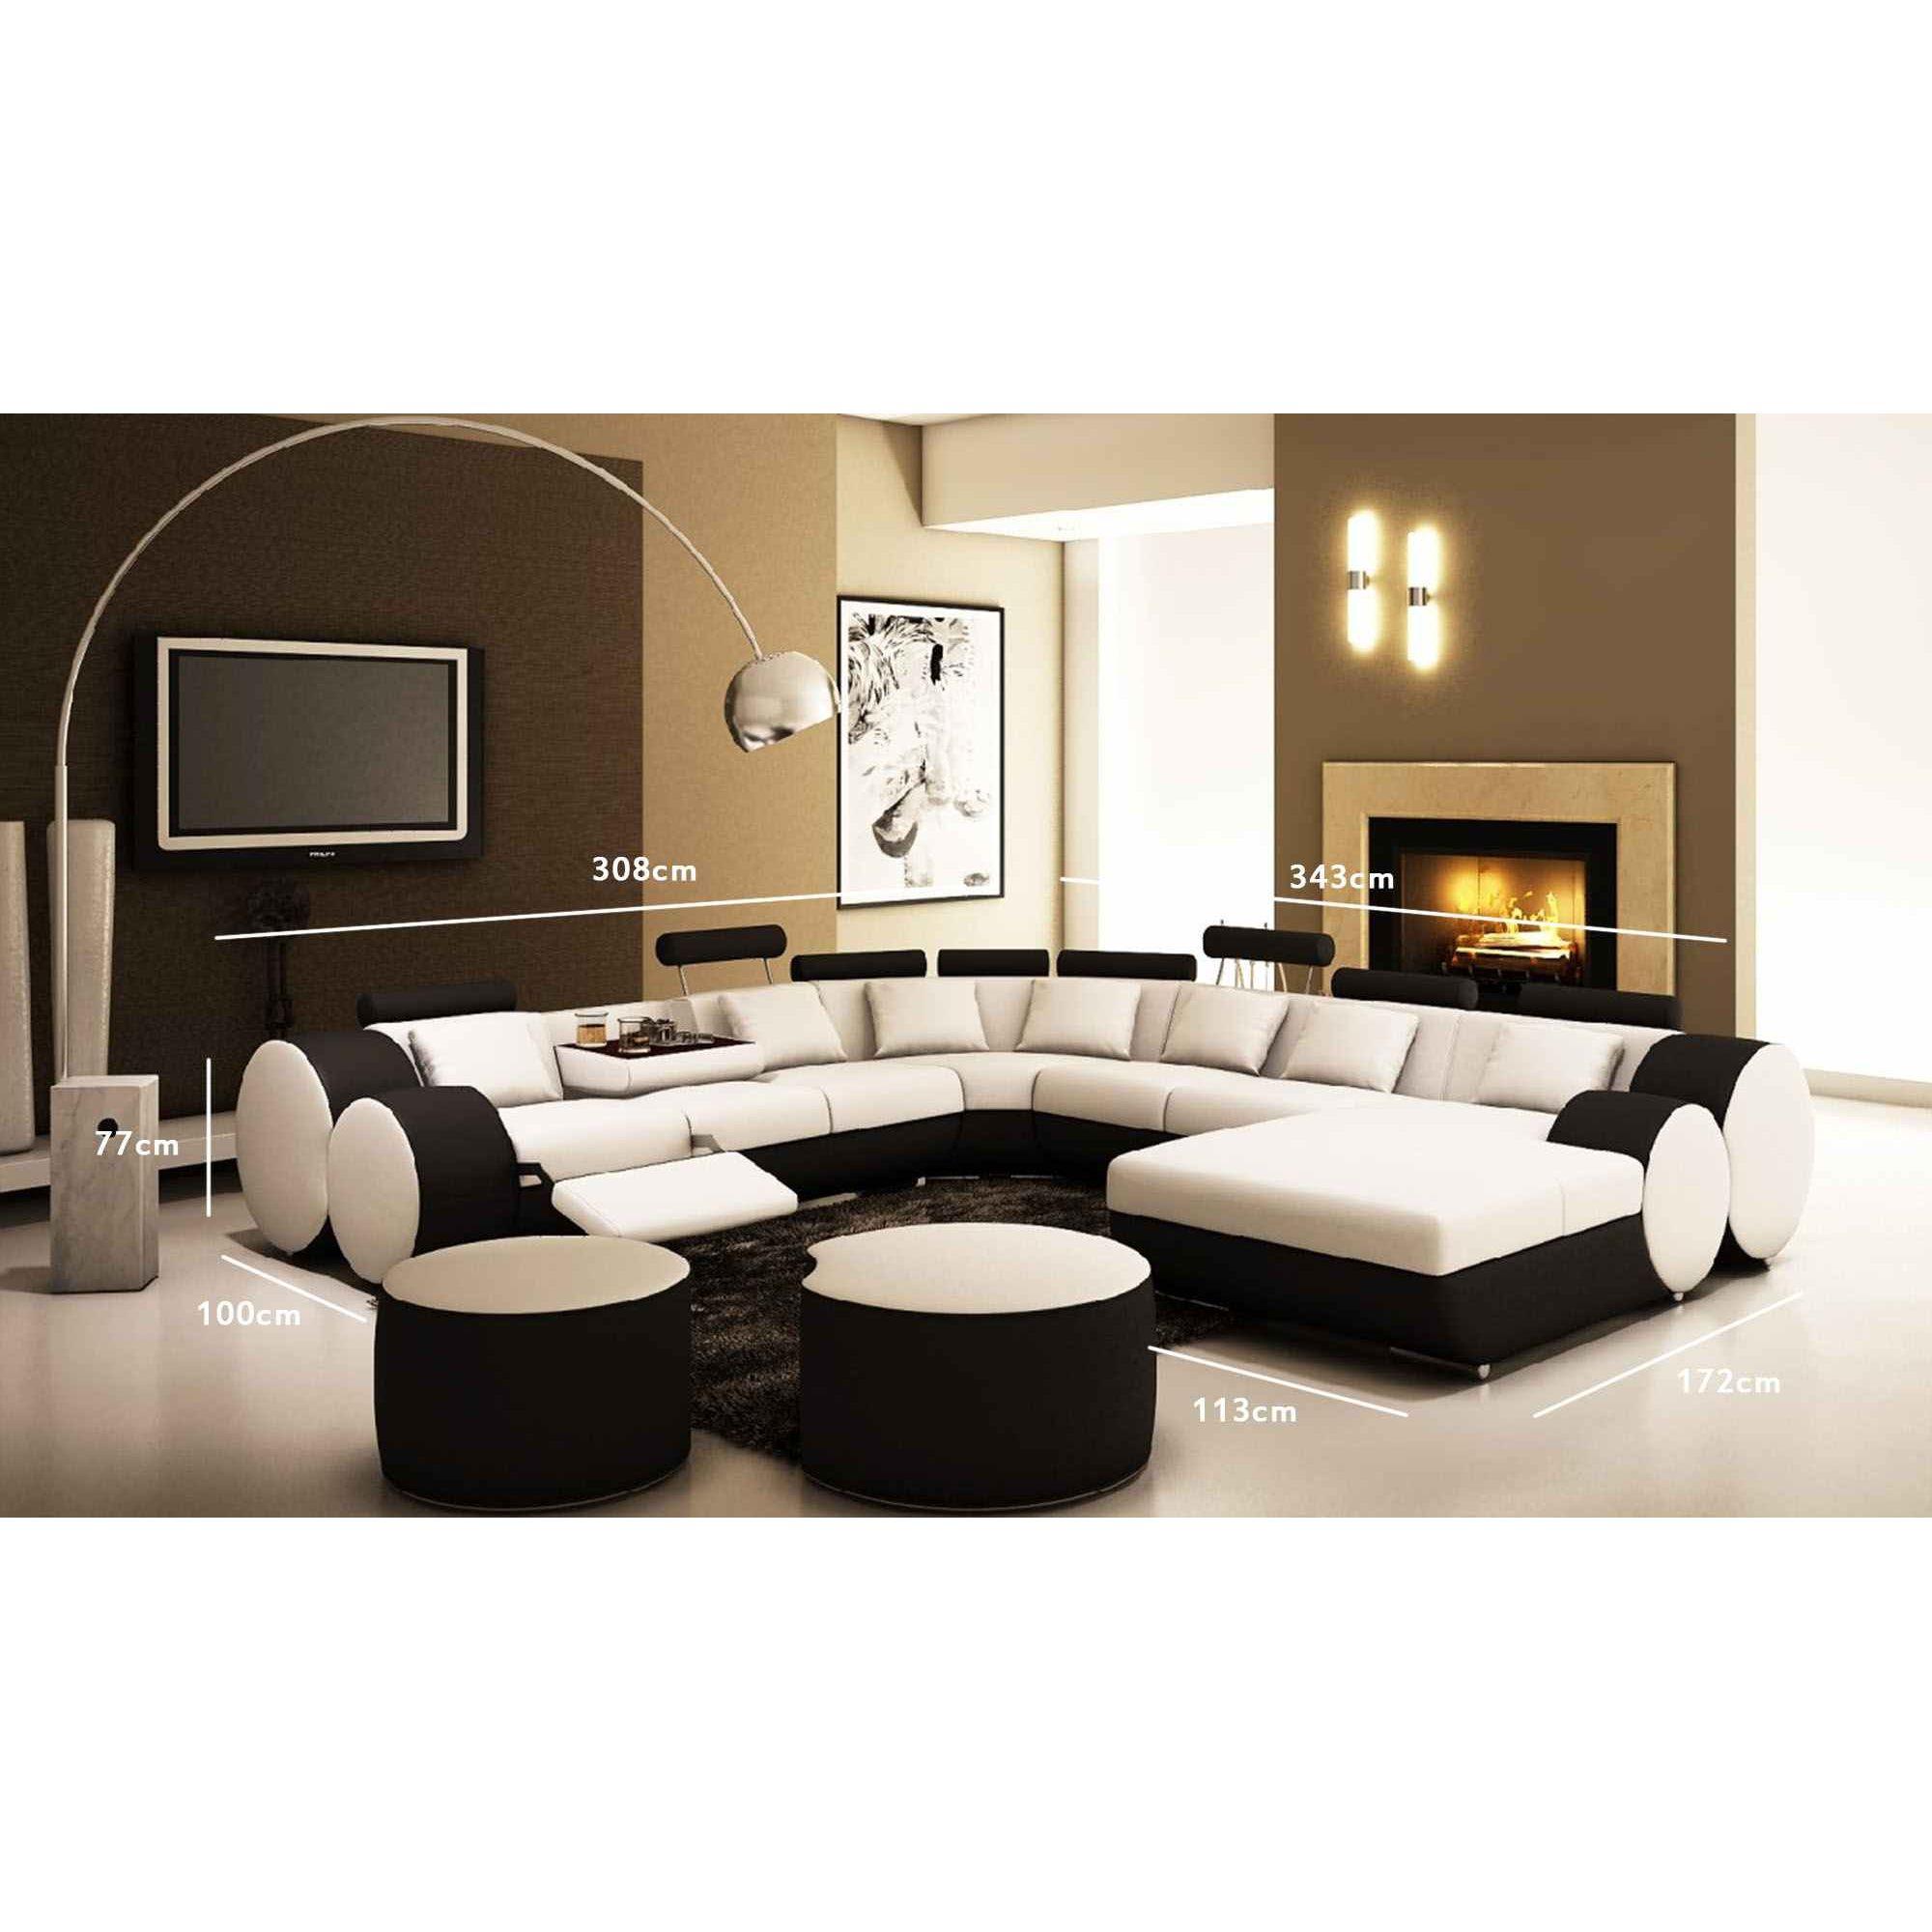 Canapé D'angle Panoramique Design En Cuir Noir Et Blanc Relax Roma serapportantà Canape Relax Convertible